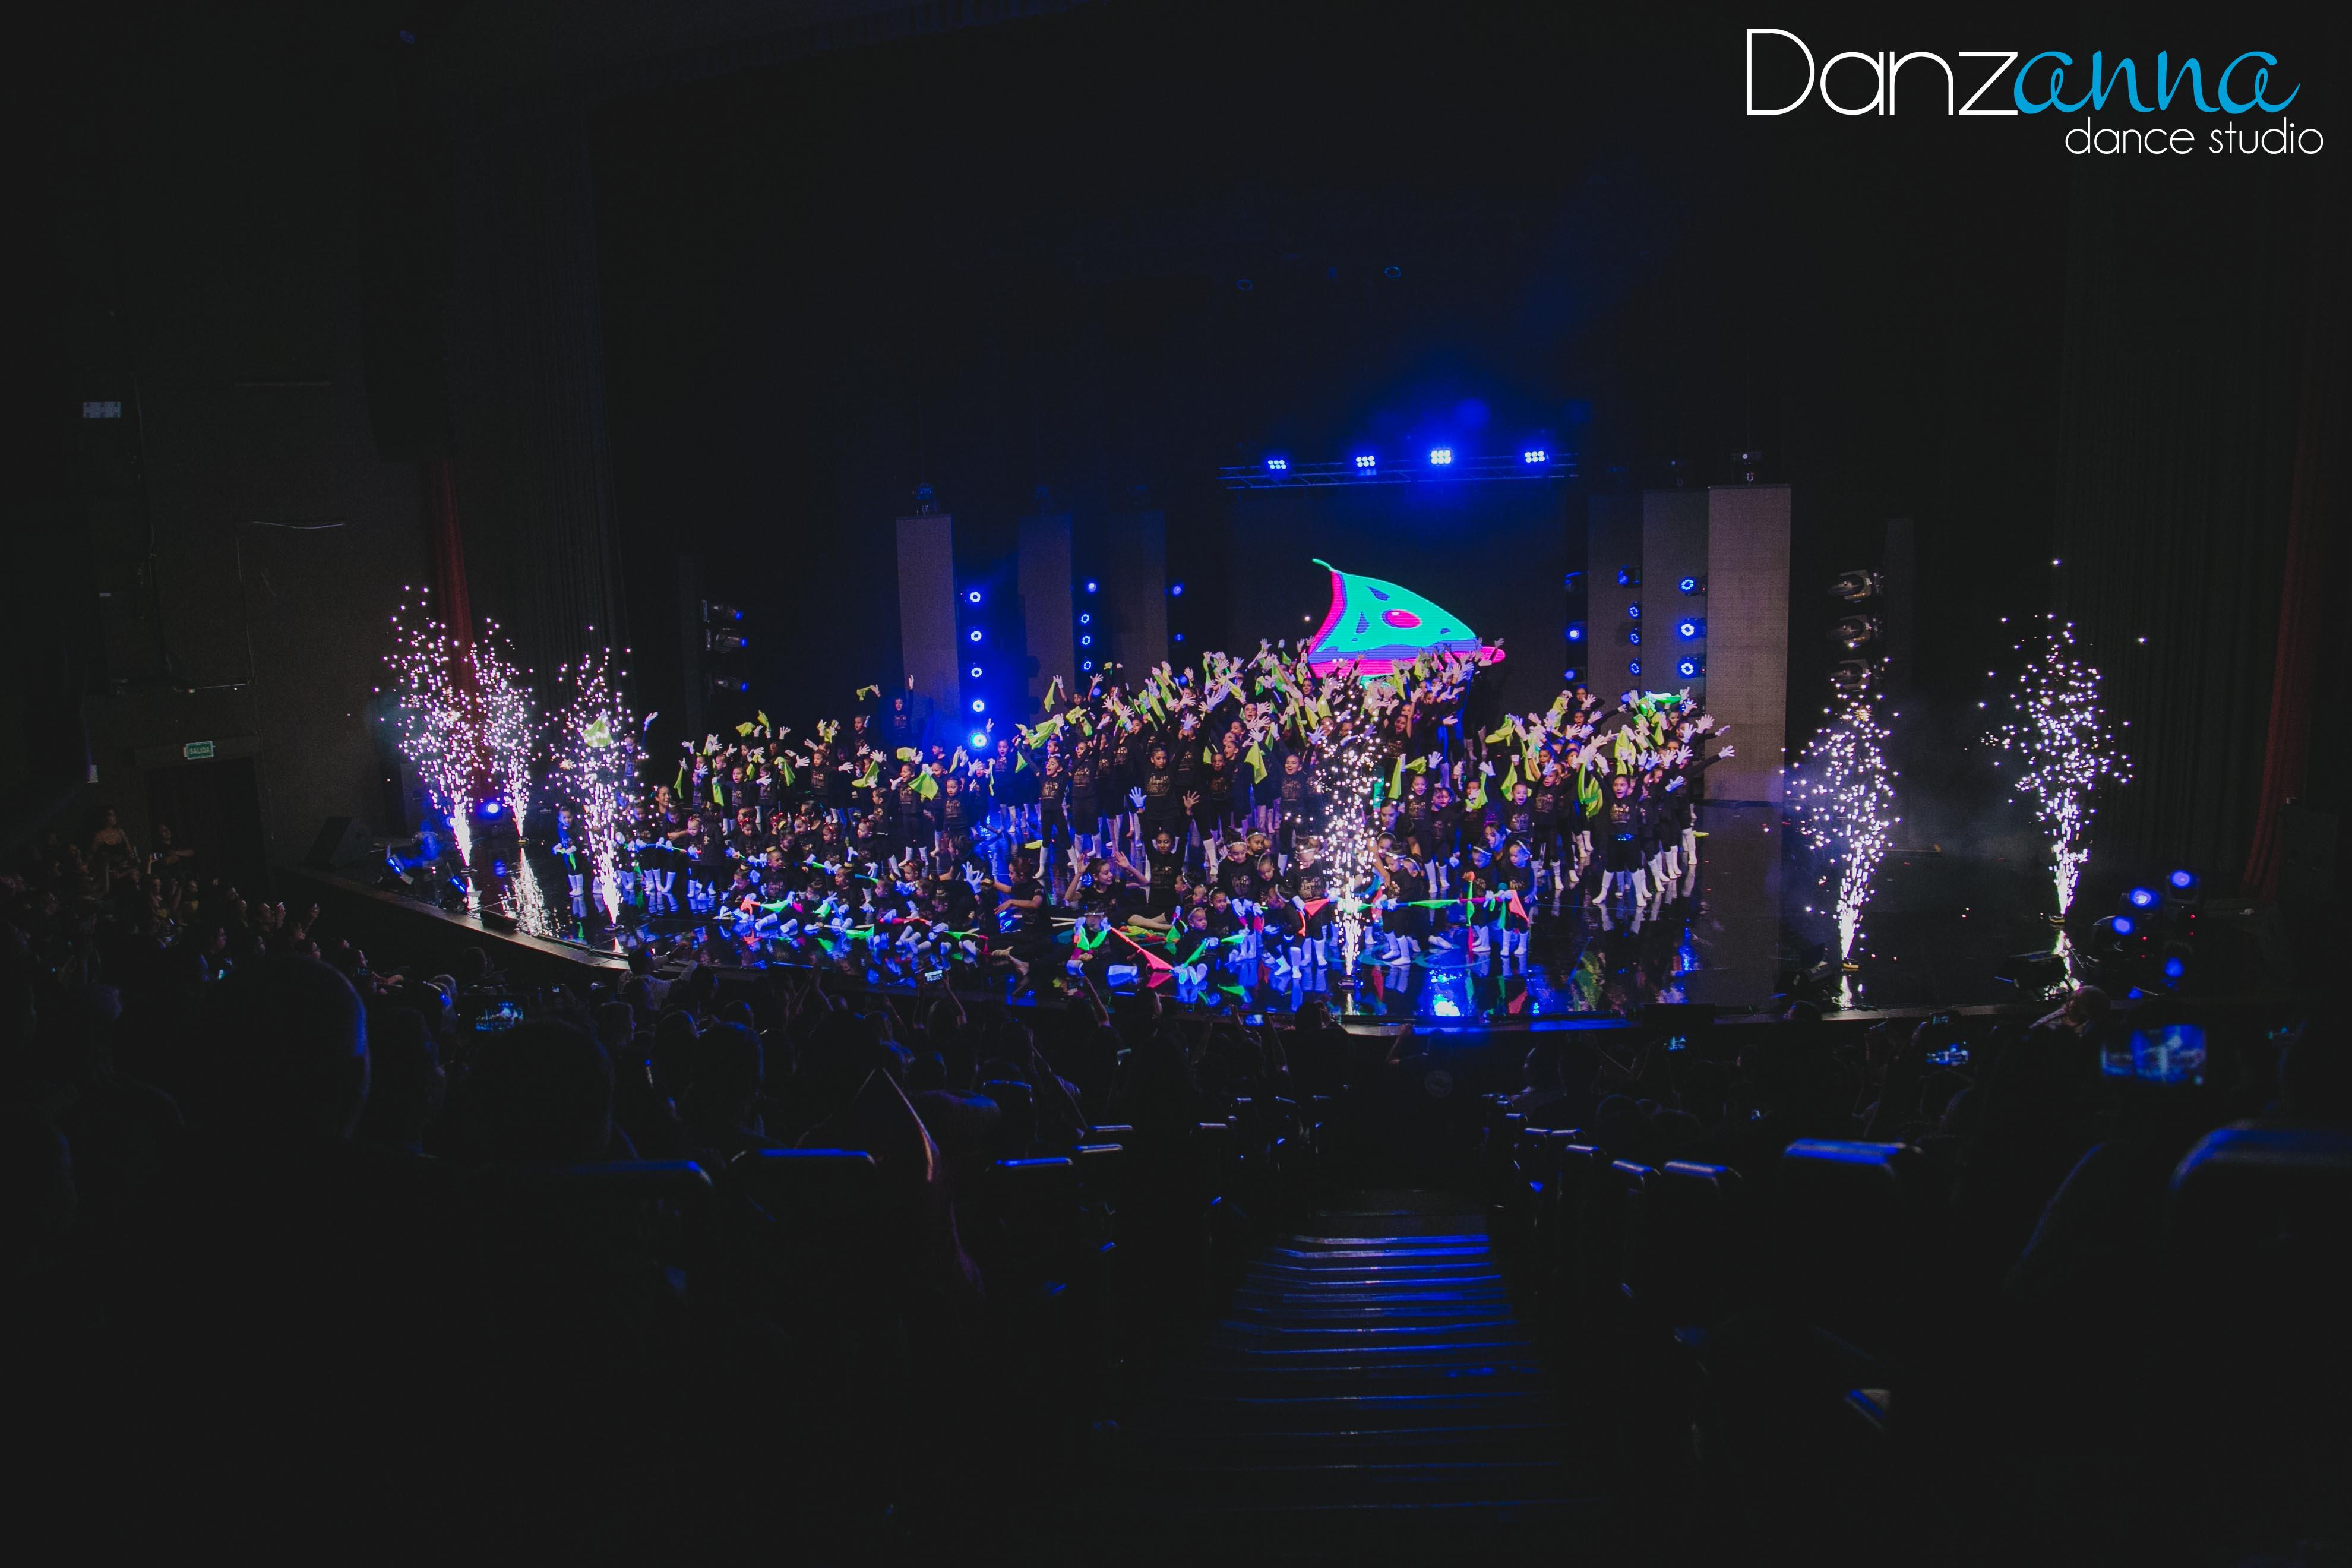 Danzanna-1412